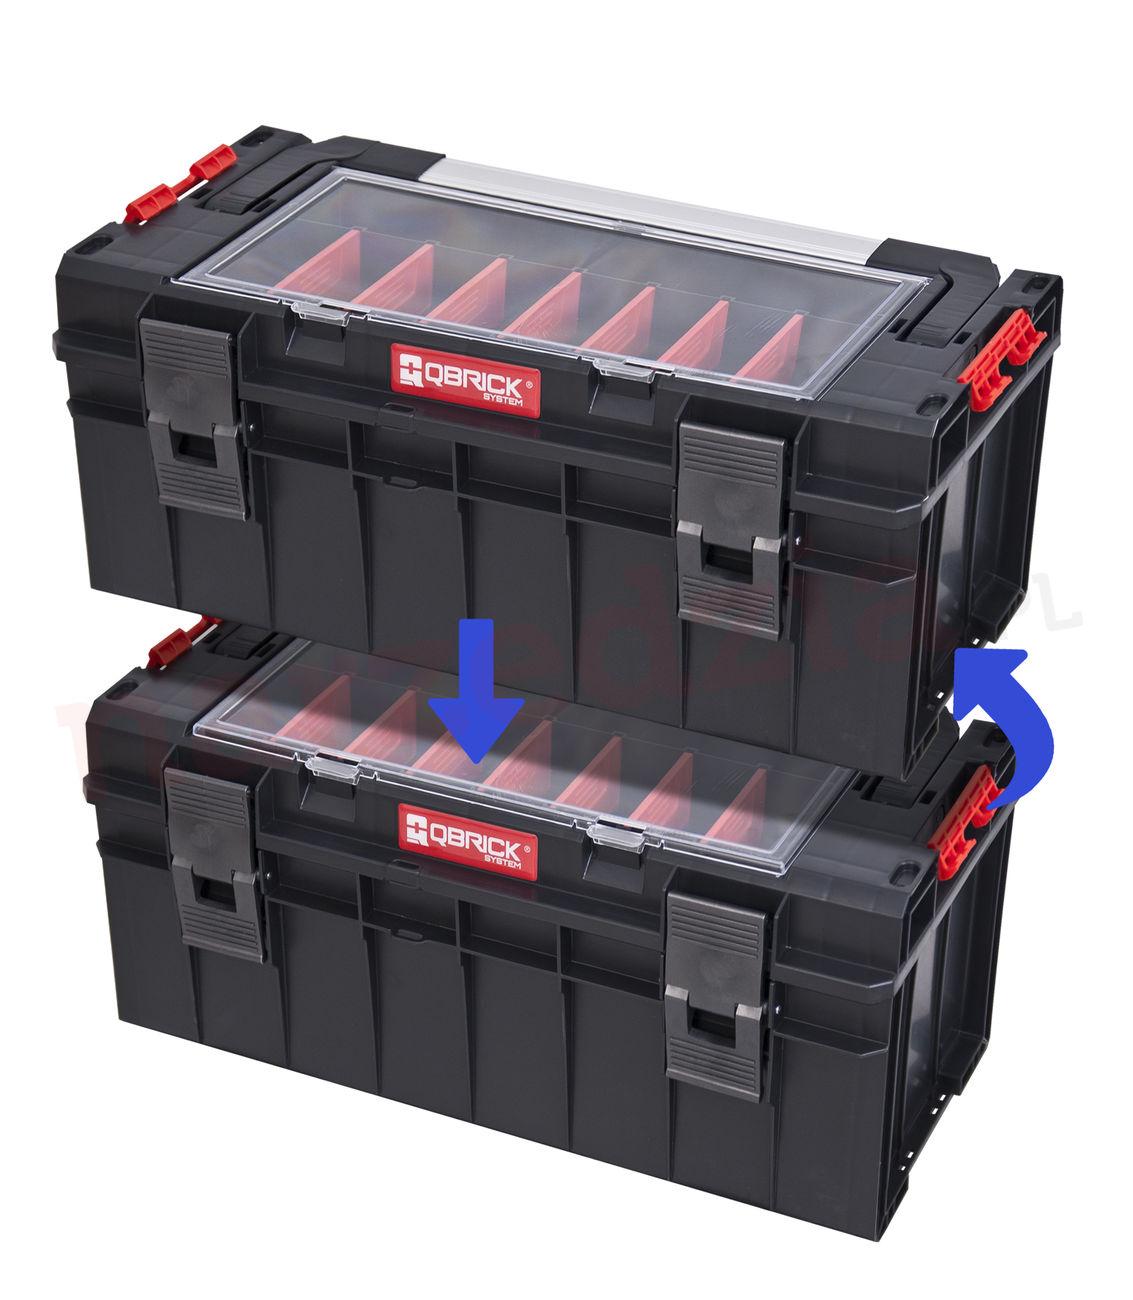 Instrumentu kaste QbrickExpert 700 65x27x27.2cm